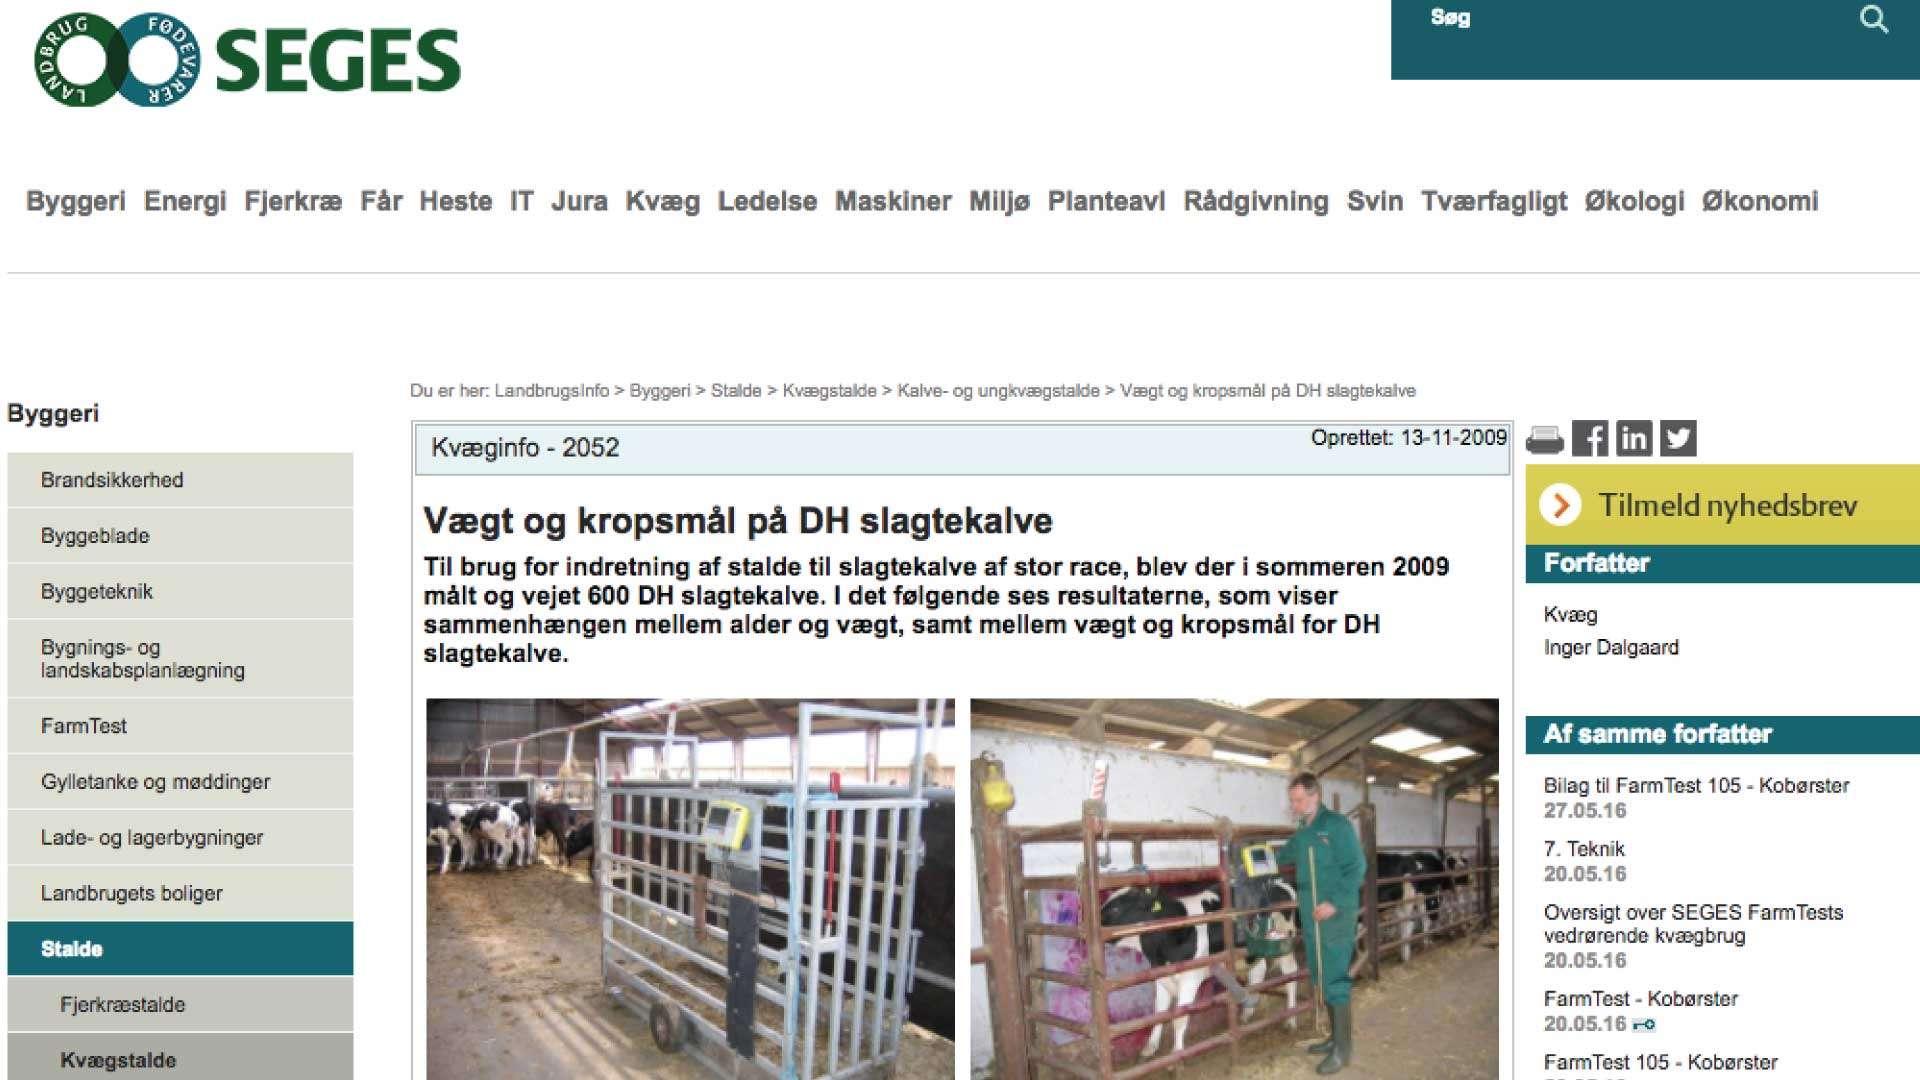 Landbrugsavisen | Vægt på Dansk Holstein slagtekalve